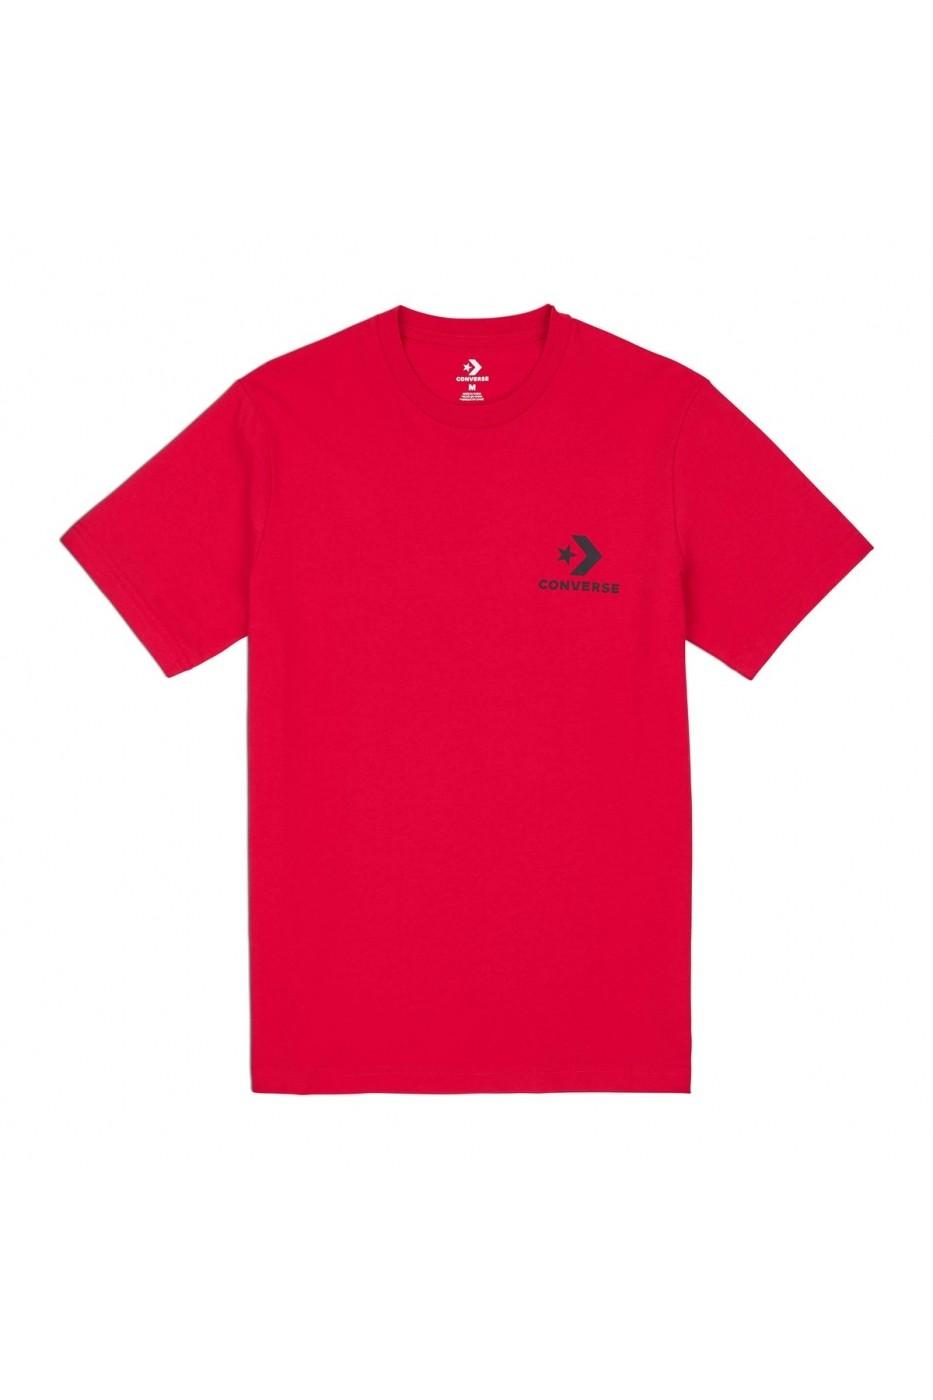 449eabe6df Converse Póló LRD-GFP331-red Piros - FashionUP!